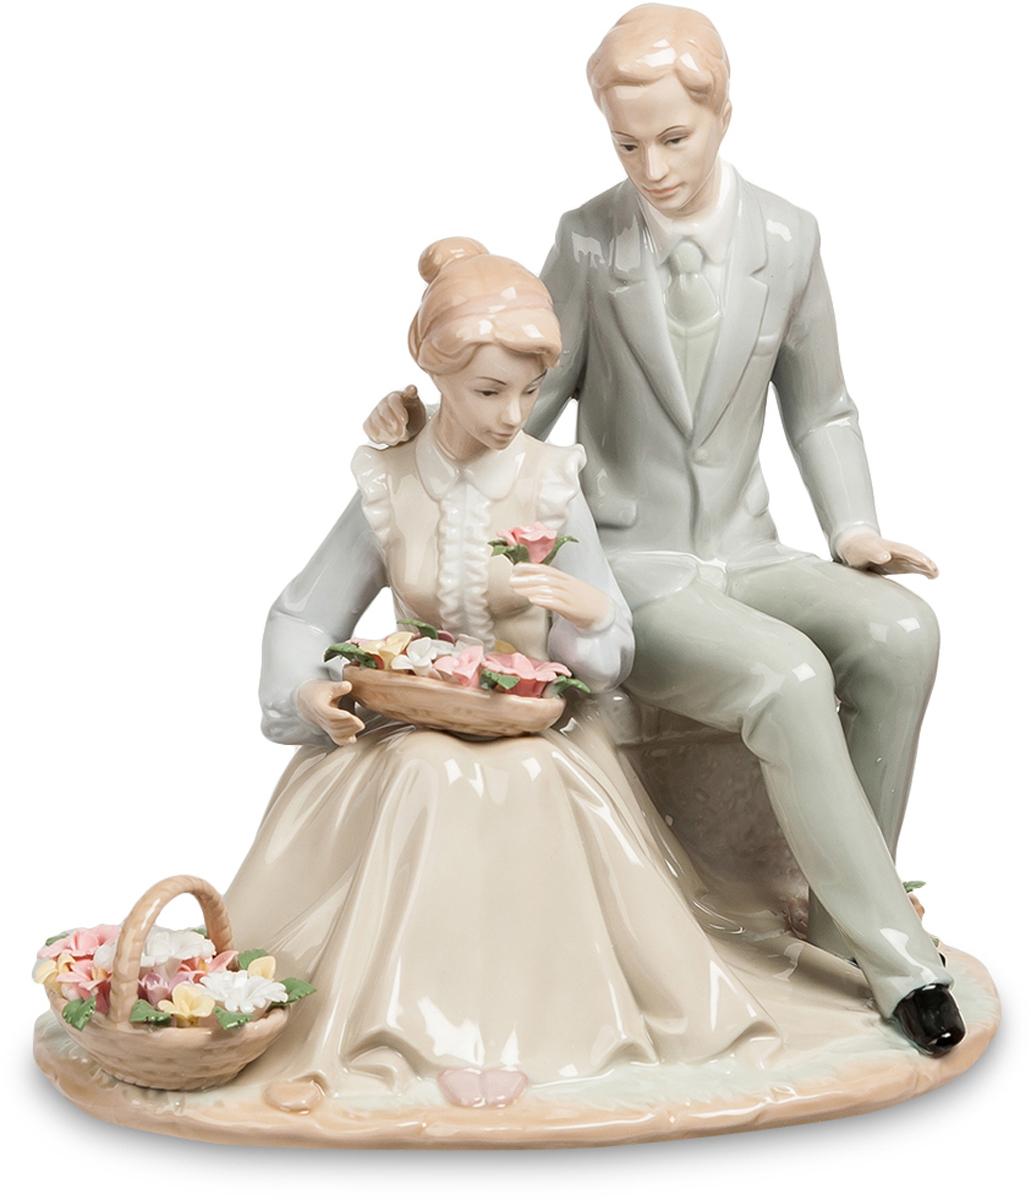 Статуэтка Pavone пара Цветы для Любимой. JP-15/46JP-15/46Статуэтка Молодожёнов высотой 24 см.Любимые цветы моей любимой жены.Женщины очень любят знаки внимания, и расцветают, как бутоны прекрасных цветов, окруженные знаками внимания окружающих мужчин или одного-единственного, но любимого человека. Без эмоционального движения жизнь на этой планете напоминала бы ад; женщины знают об этом и с удовольствием поощряют кавалеров на маленькие, но приятные подарки. Статуэтка Цветы для любимой, сделанная их фарфора и раскрашенная красками пастельных тонов, изображает молодую пару – мужчину и возлюбленную, которой он только что преподнес две большие корзинки ароматных роз.Пара выглядит вполне современно: судя по костюмам, молодые люди любили друг друга в середине прошлого века. На мужчине строгий элегантный костюм, на девушке – длинное бежевое платье с белыми оборками и голубая блузка. У молодых людей приятные, спокойные лица и красивые прически. Композиция расположилась на круглой тонкой подставке, а влюбленная пара – на сером бордюрном камне.Фигурку Цветы для любимой можно подарить влюбленной паре, преподнести в качестве свадебного подарка, а также подарить друзьям, отмечающим годовщину отношений или бракосочетания.